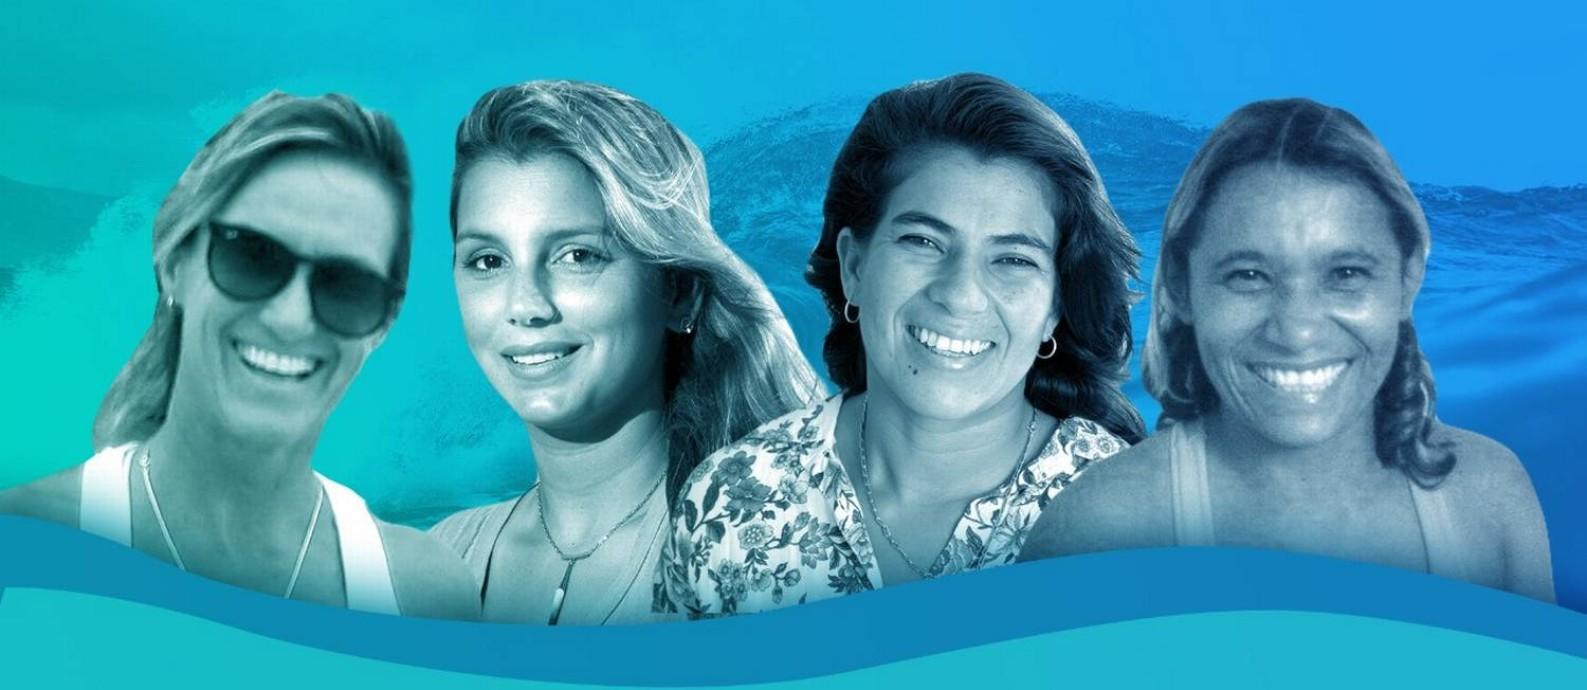 Andréa Lopes, Maya Gabeira, Silvana Lima e Tita Tavares entre as maiores surfistas do Brasil Foto: Arte O Globo